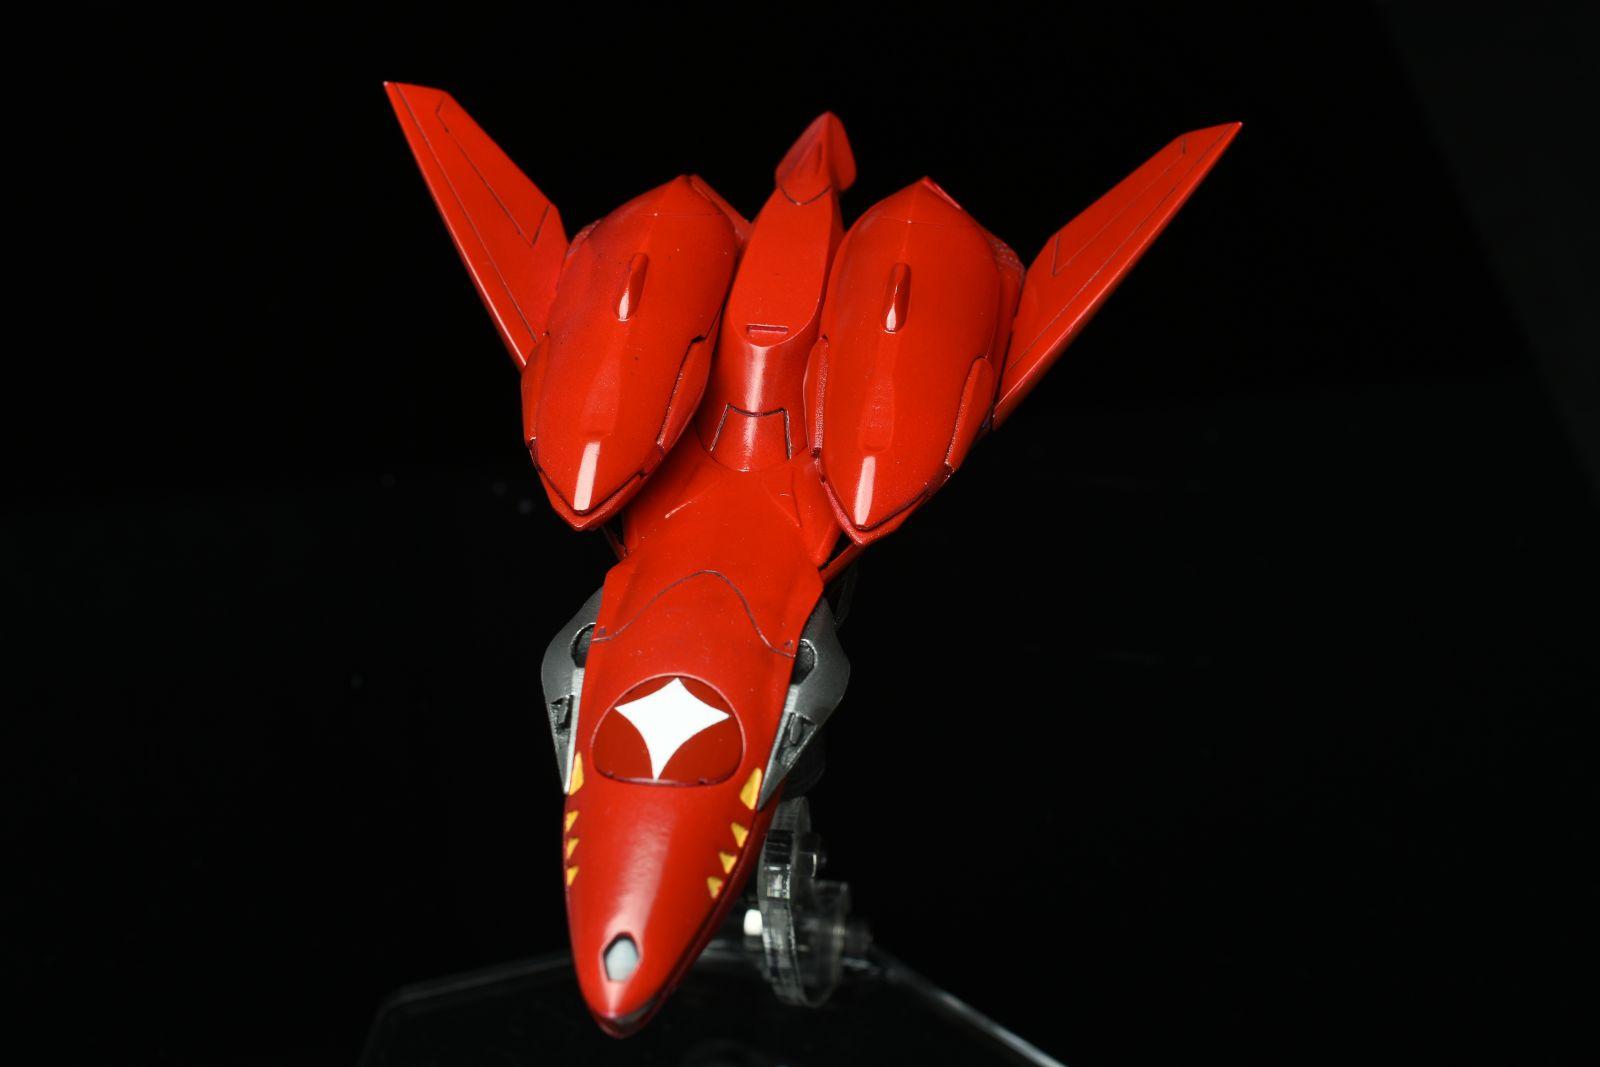 Xigfrid 9 Ghost 3